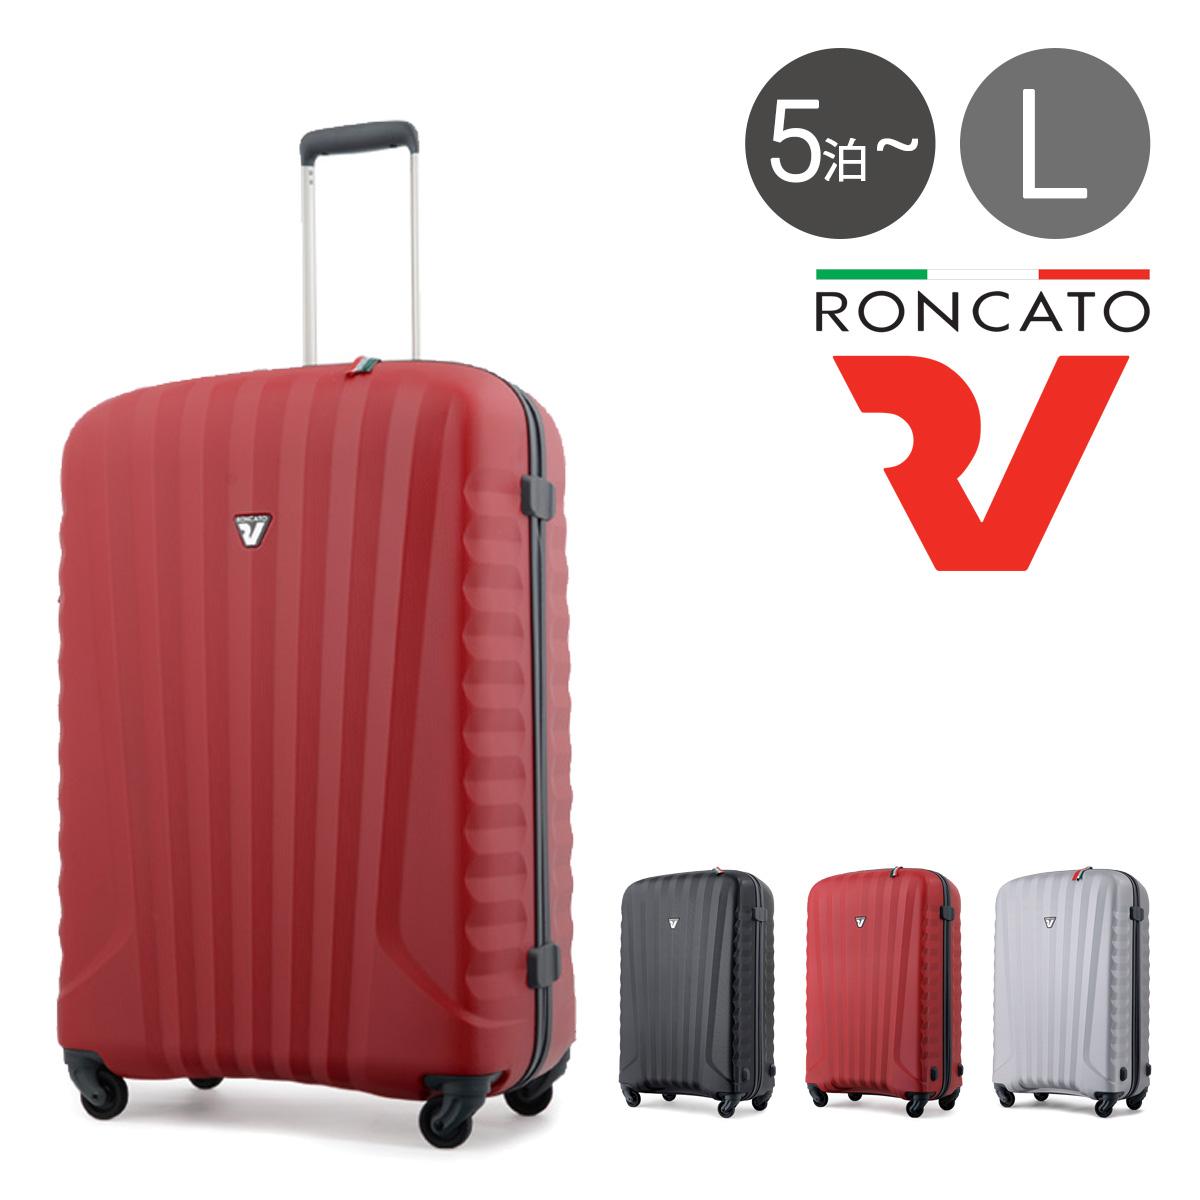 ロンカート RONCATO スーツケース 5072 UNO ZIP ZSL 71cm 【 ウノ ジッパー 10年保証 】【 1431 軽量 イタリア製 キャリーケース TSAロック搭載 】 [PO10][bef]